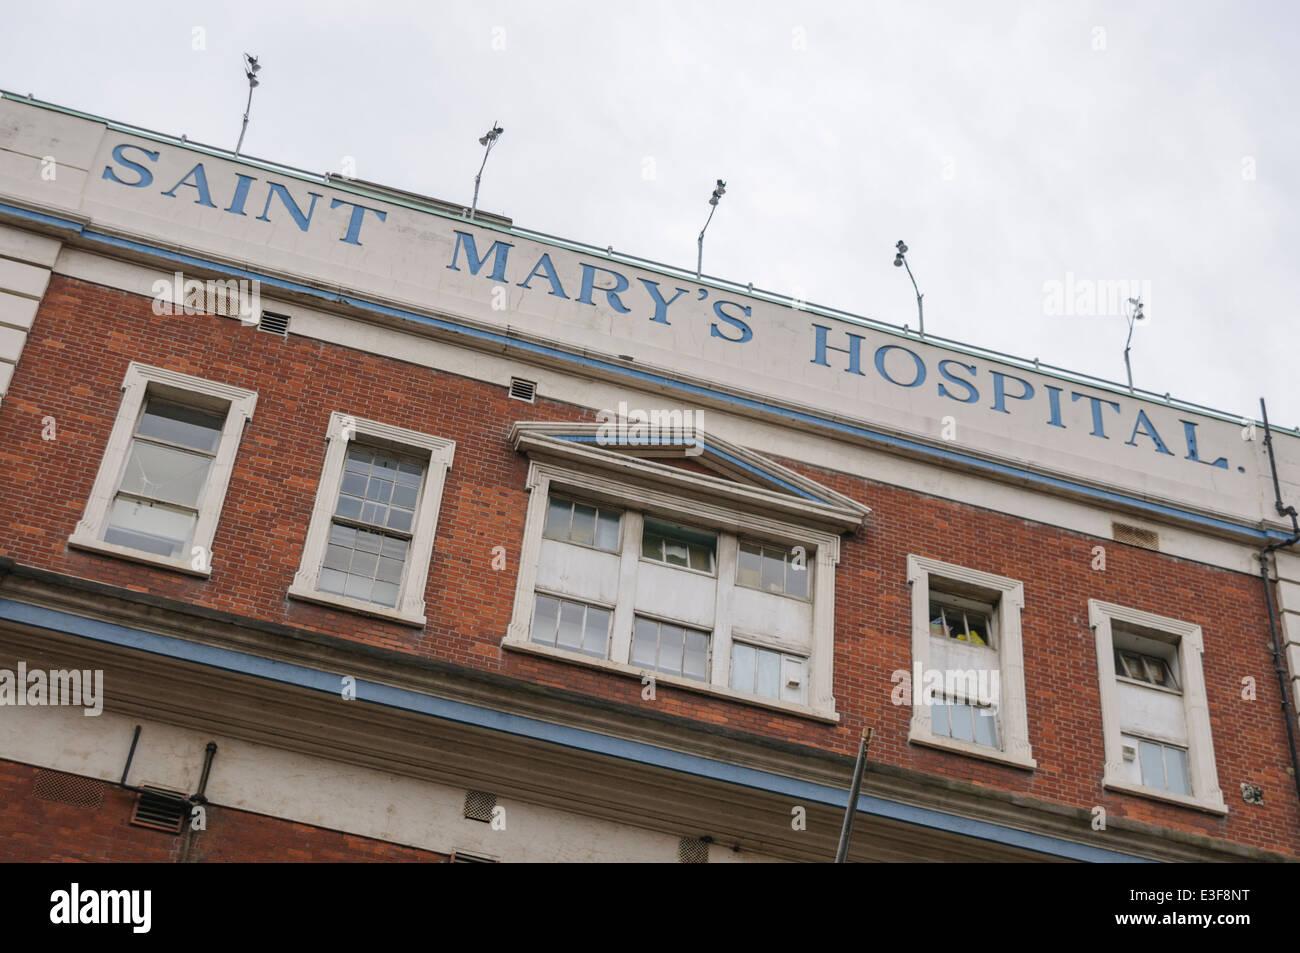 St. Mary's Hospital, London Stock Photo